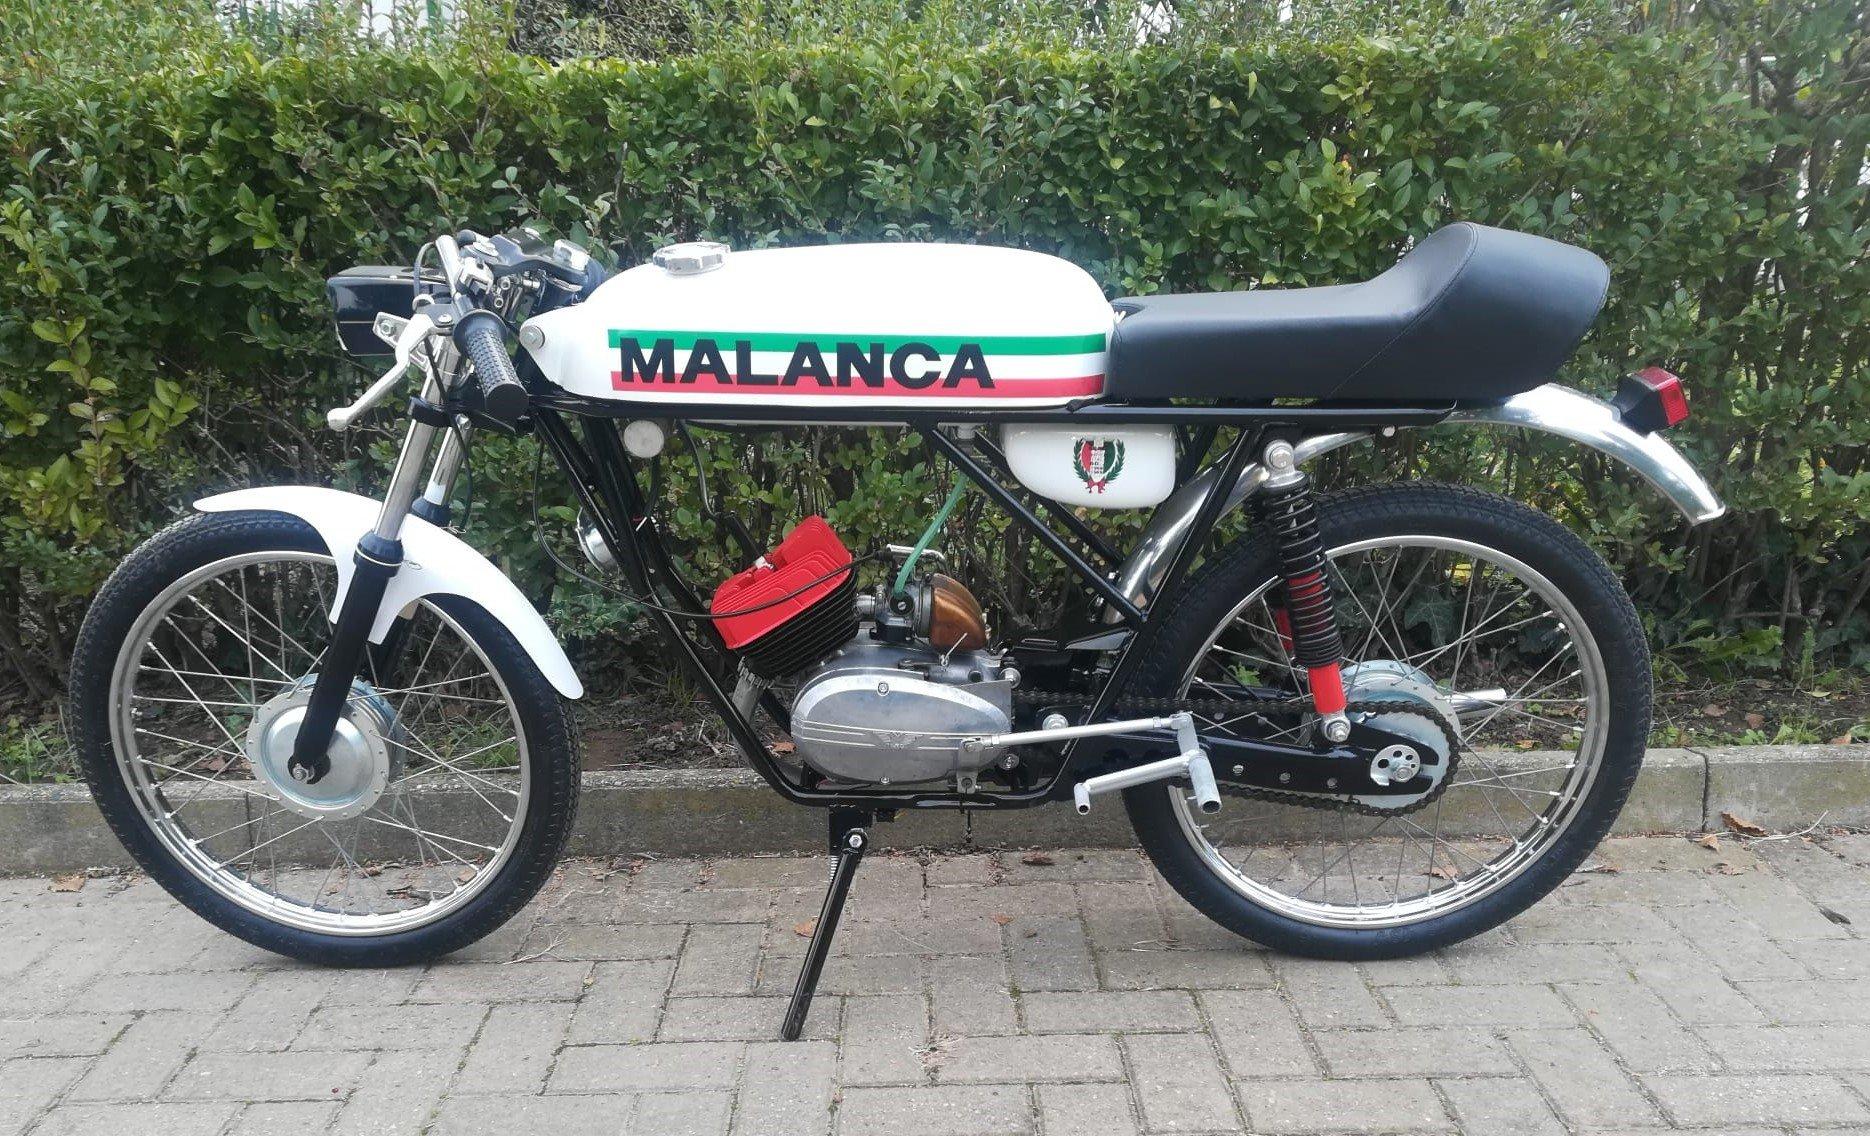 Malanca Testarossa 50cc - 1972 - Fresh restored For Sale (picture 2 of 6)